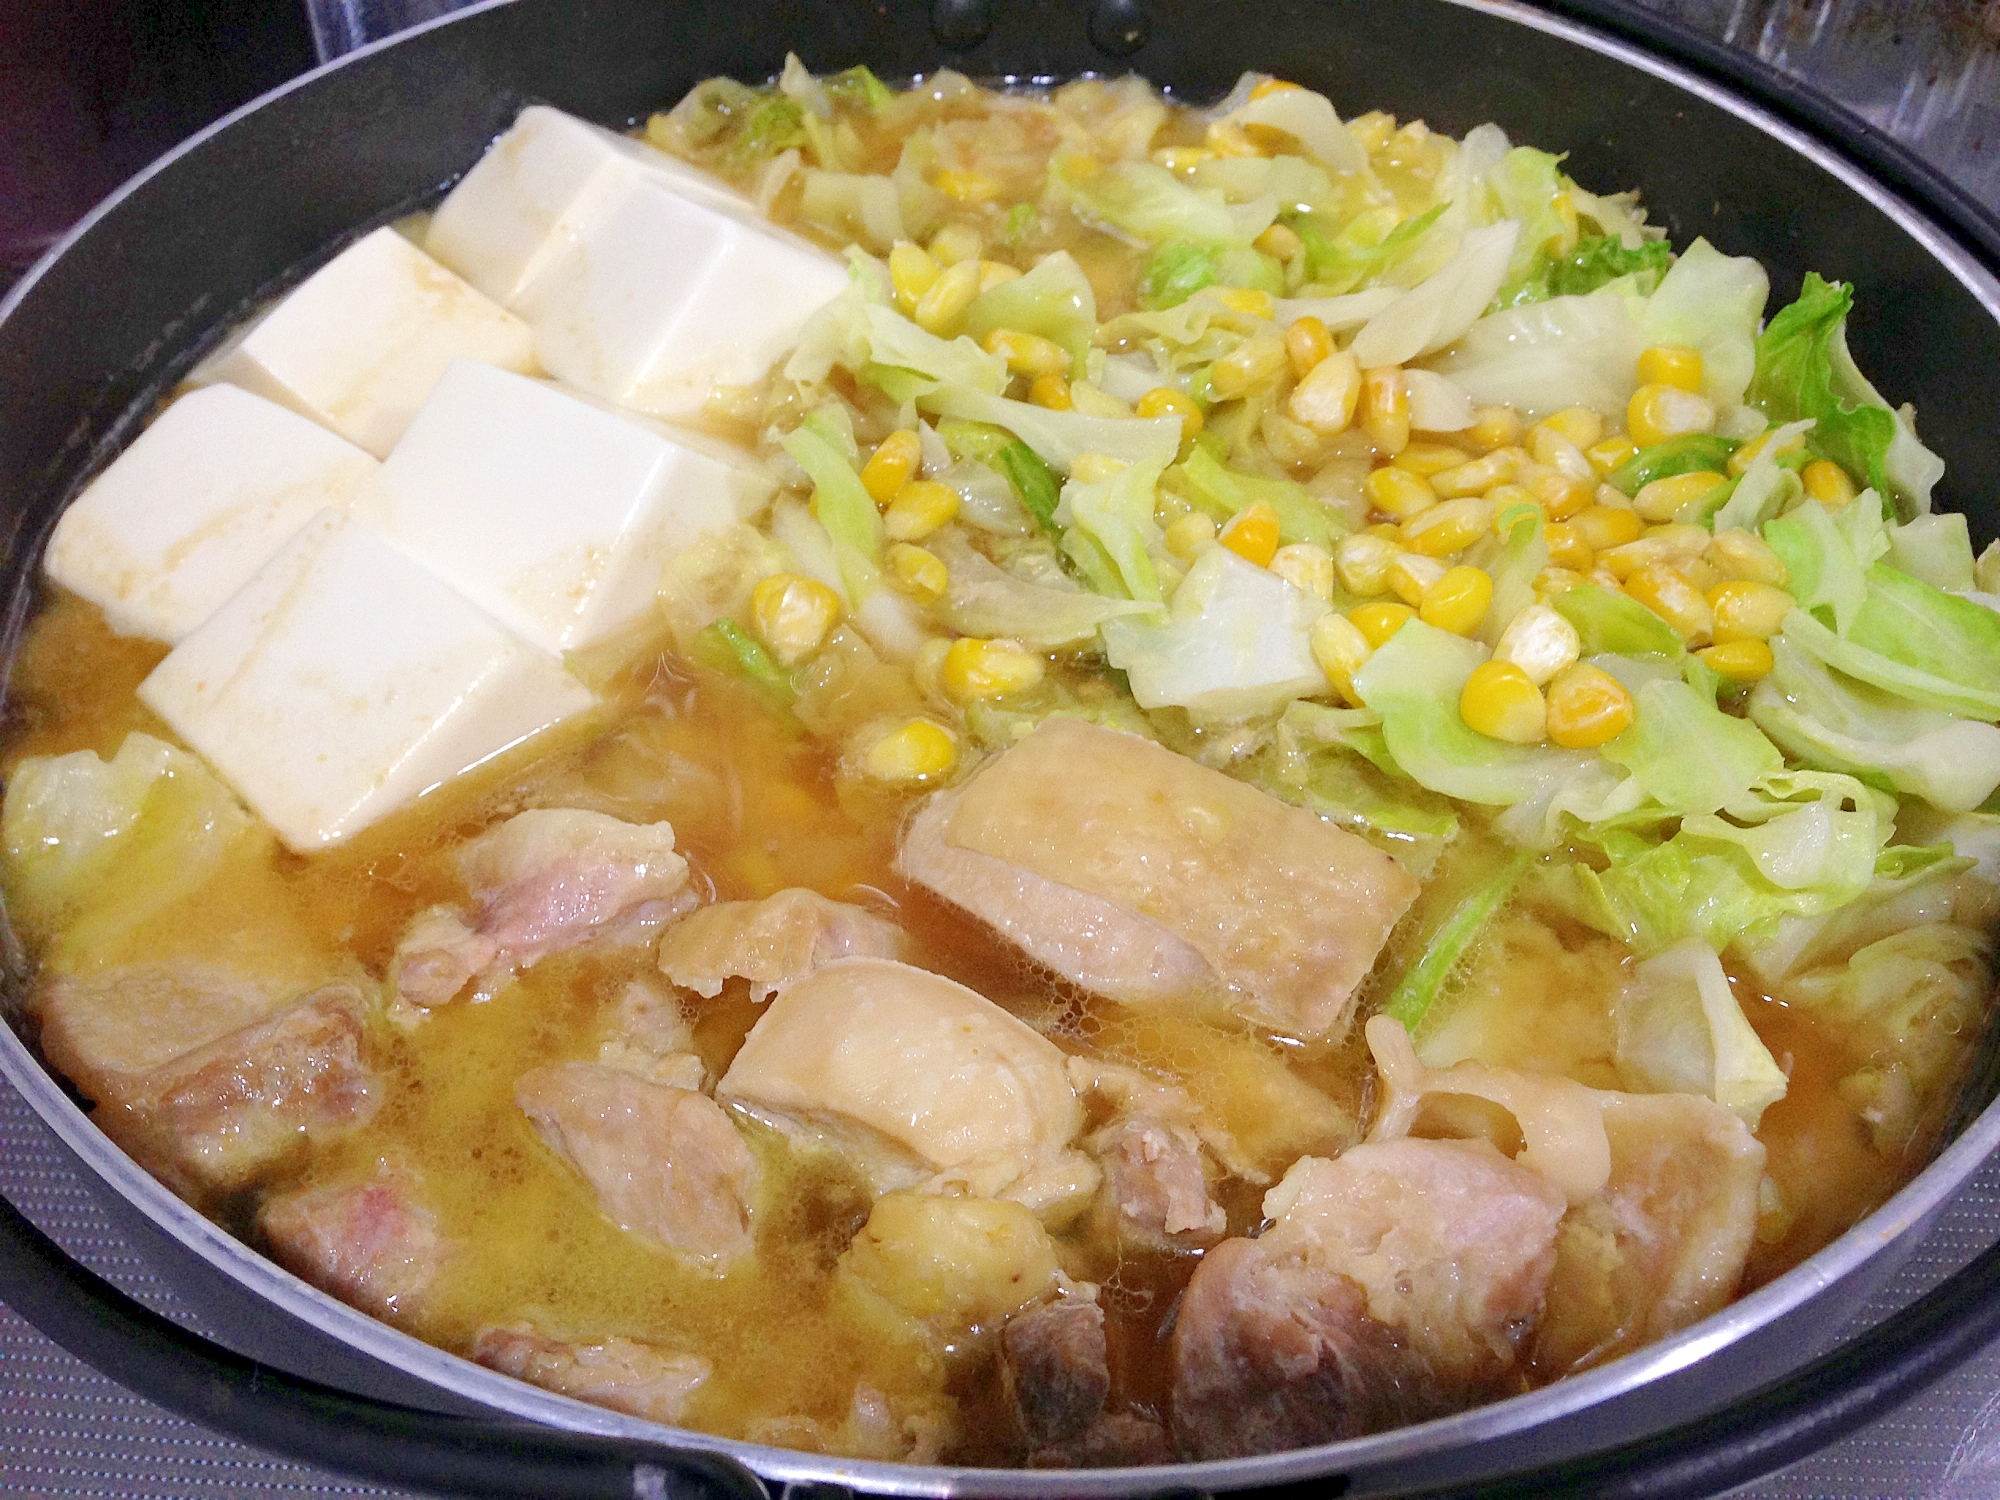 簡単手作り☆鶏肉とキャベツの味噌バター鍋 レシピ・作り方 by うーころちゃん|楽天レシピ